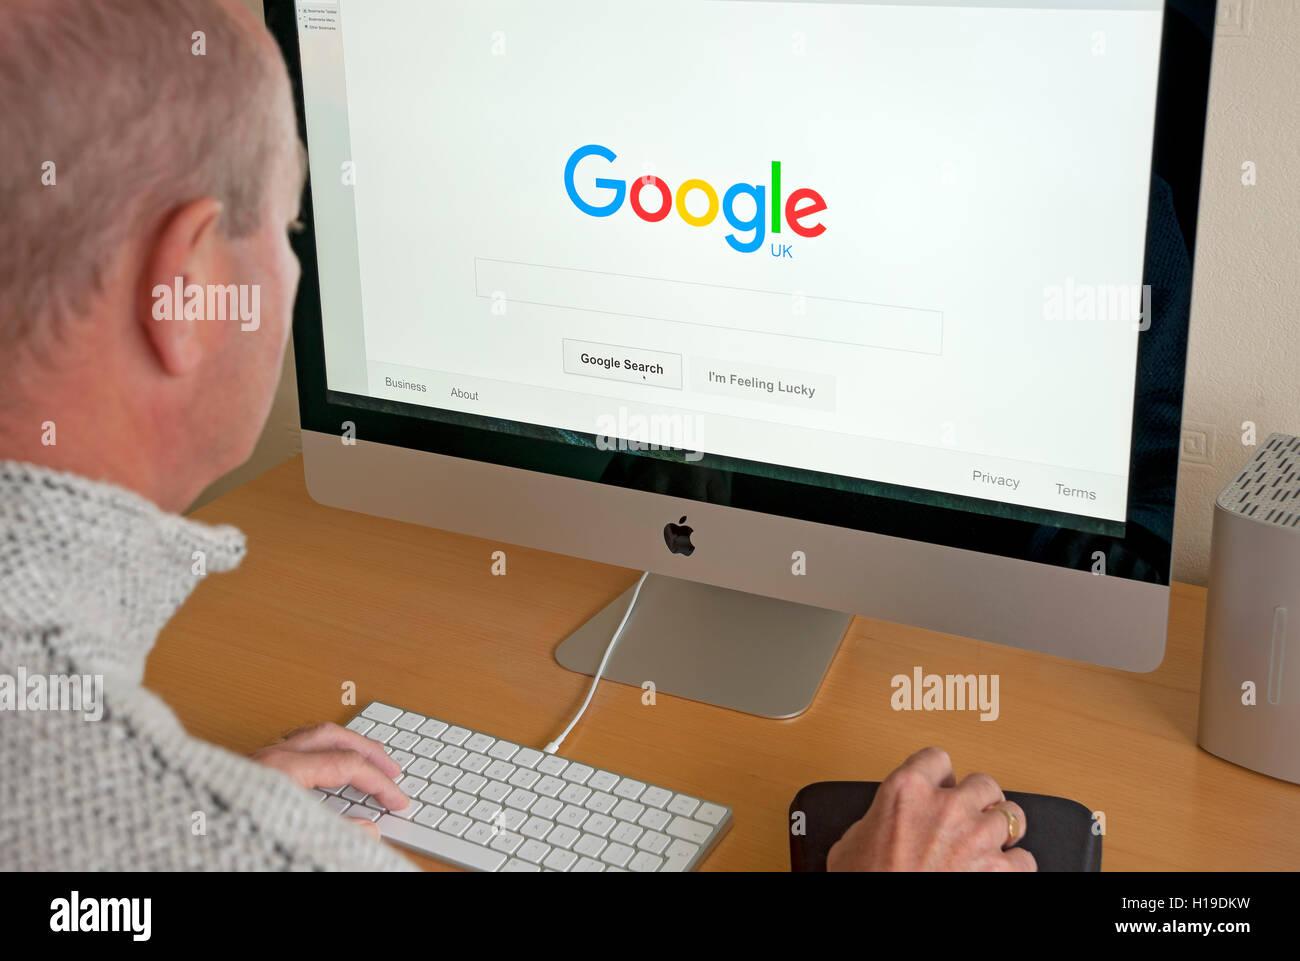 El hombre busca en Google UK homepage en la pantalla de ordenador UK Reino Unido GB Gran Bretaña Imagen De Stock